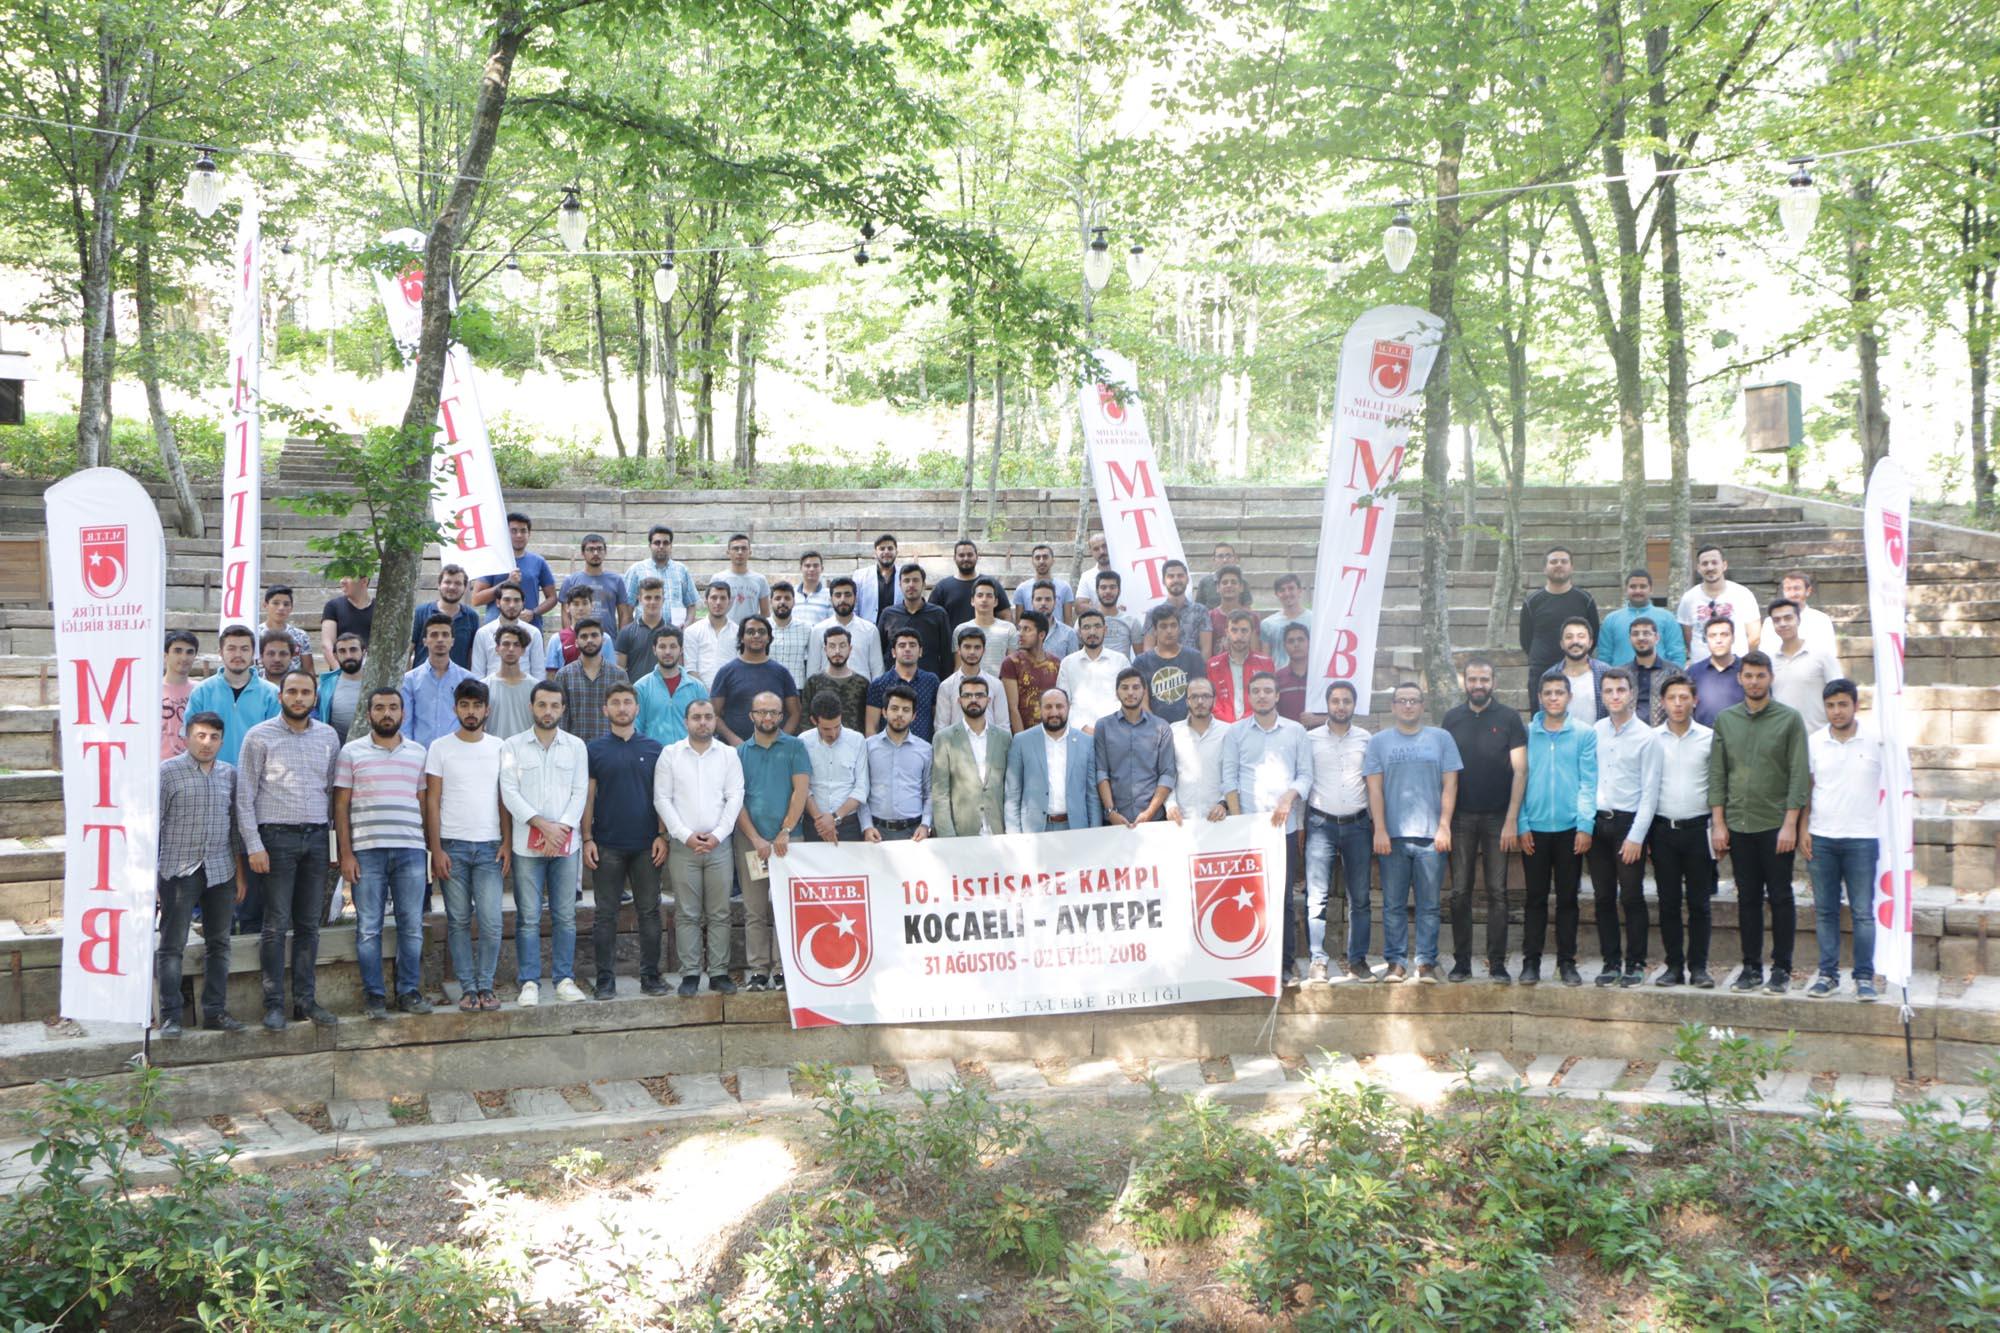 Milli Türk Talebe Birliği 10.İstişare Kampı